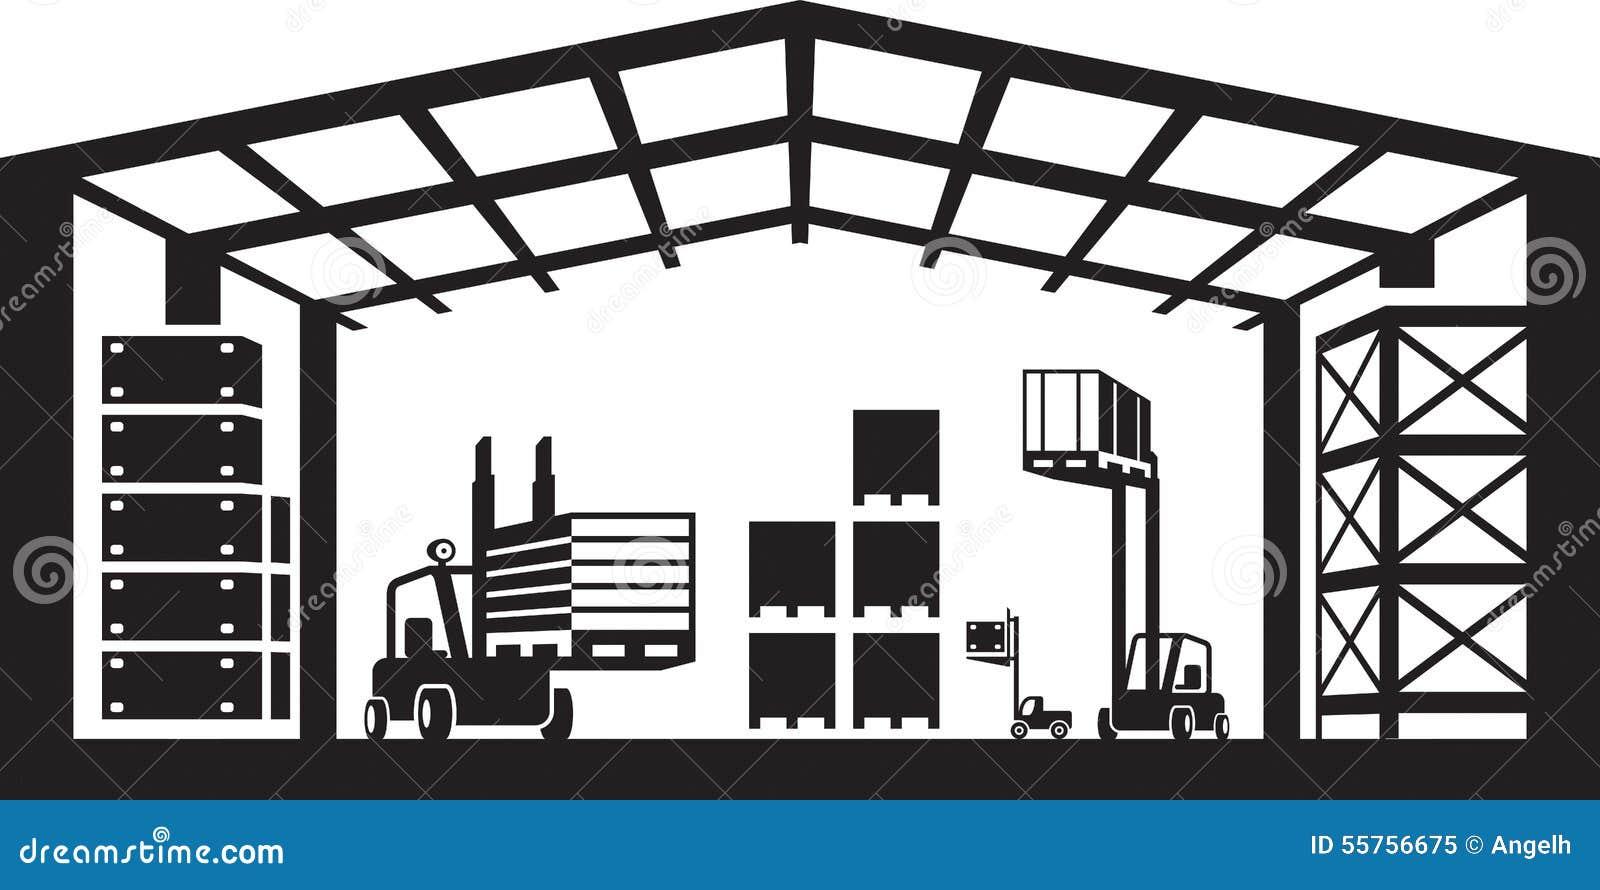 Βιομηχανική σκηνή αποθηκών εμπορευμάτων